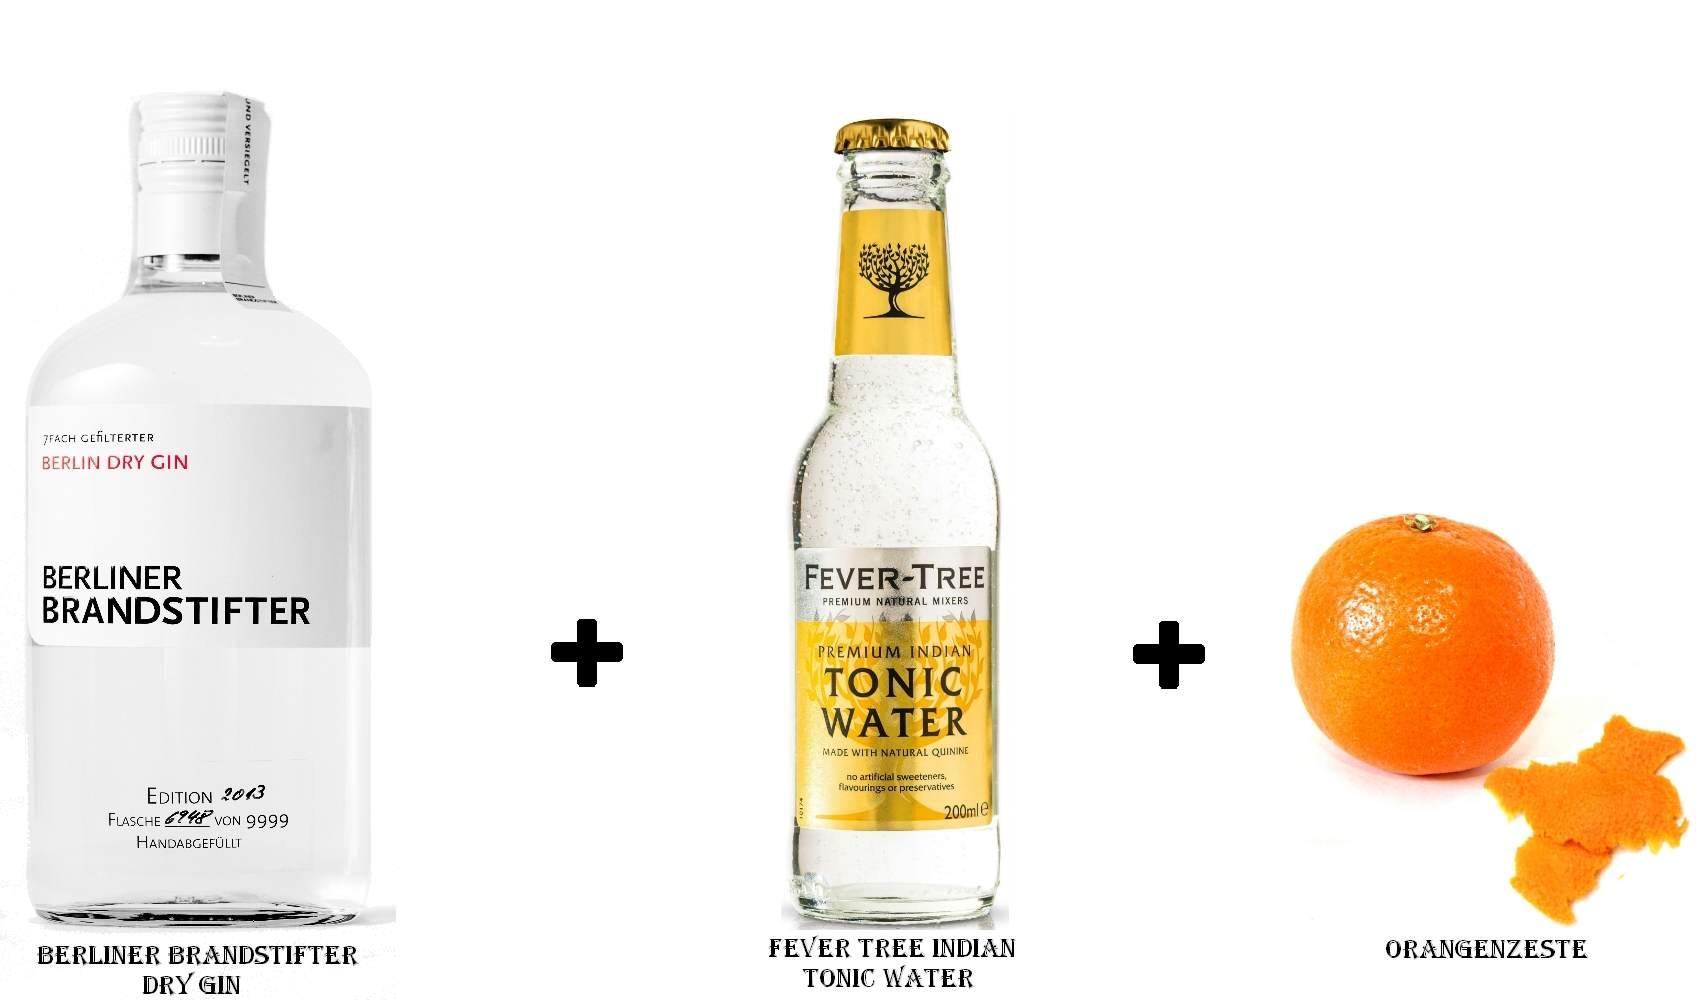 Berliner Brandstifter Dry Gin + Fever Tree Indian Tonic Water + Orangenzeste